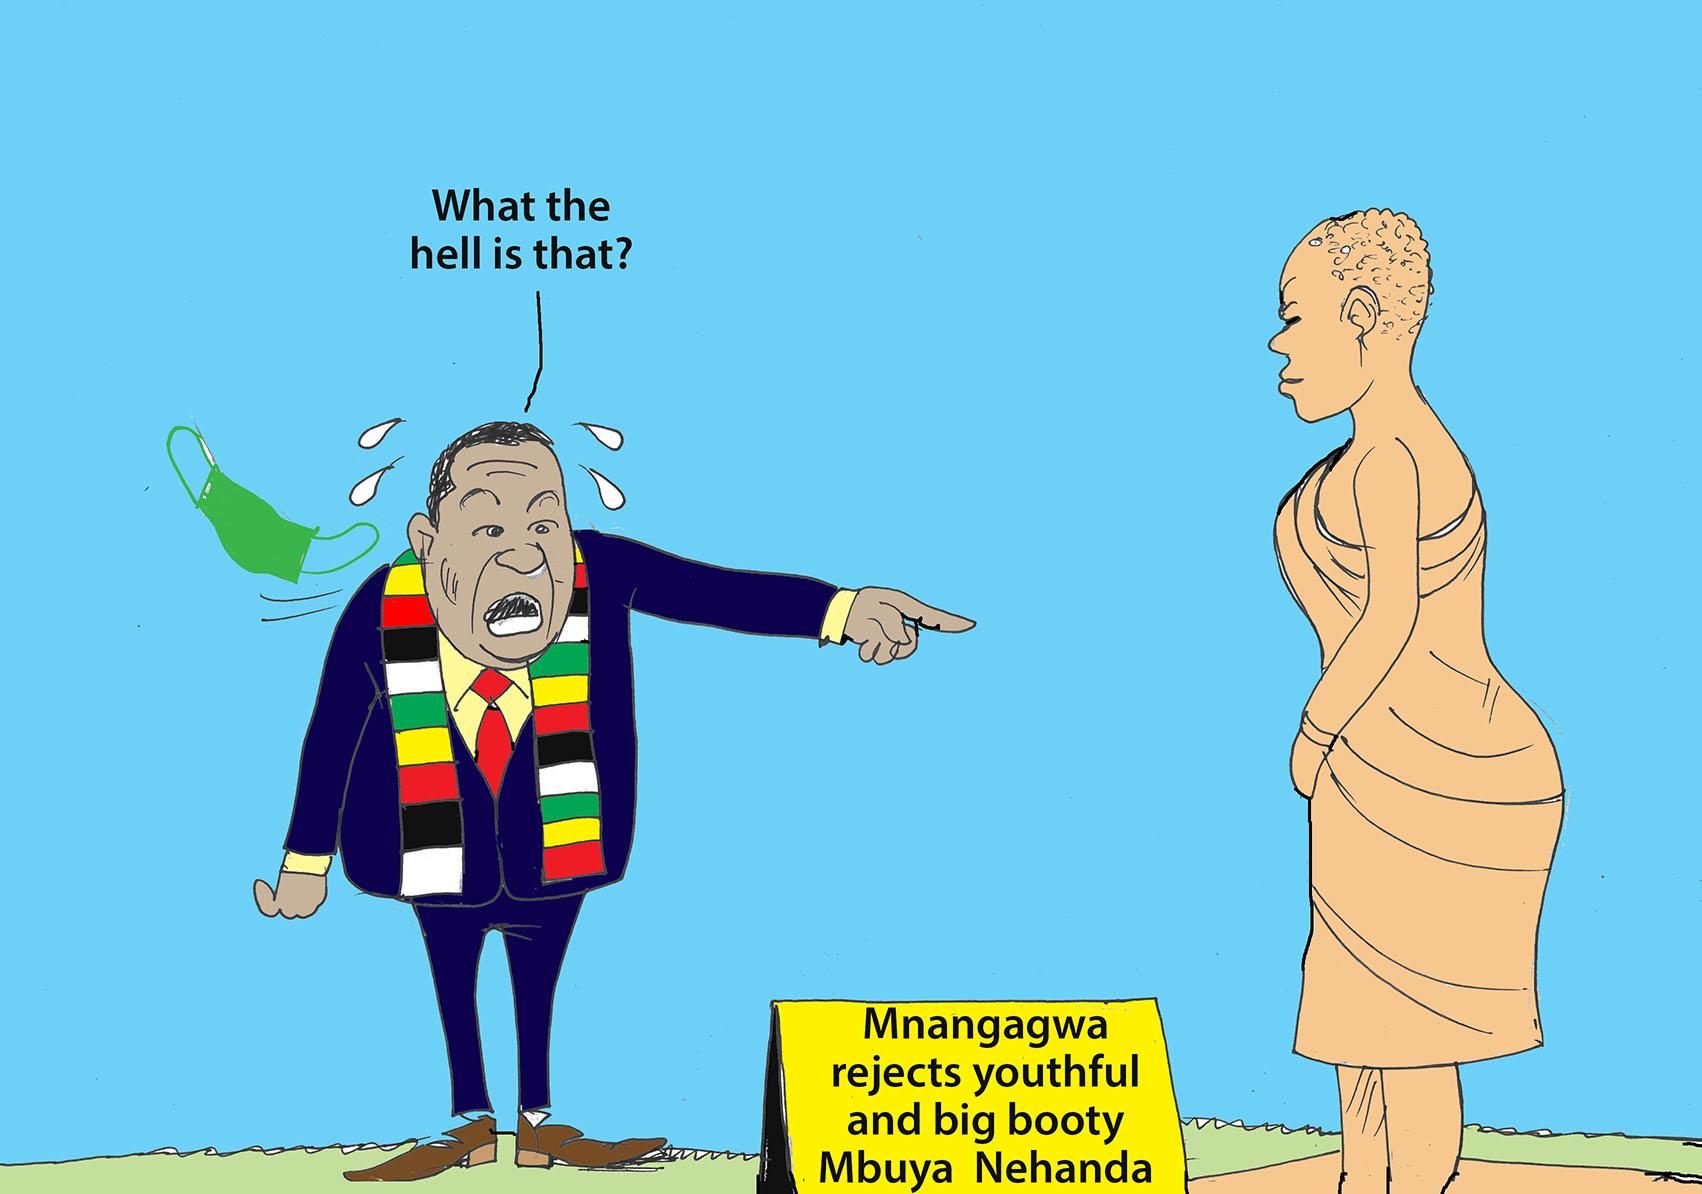 Of Mnangagwa and Mbuya Nehanda statue